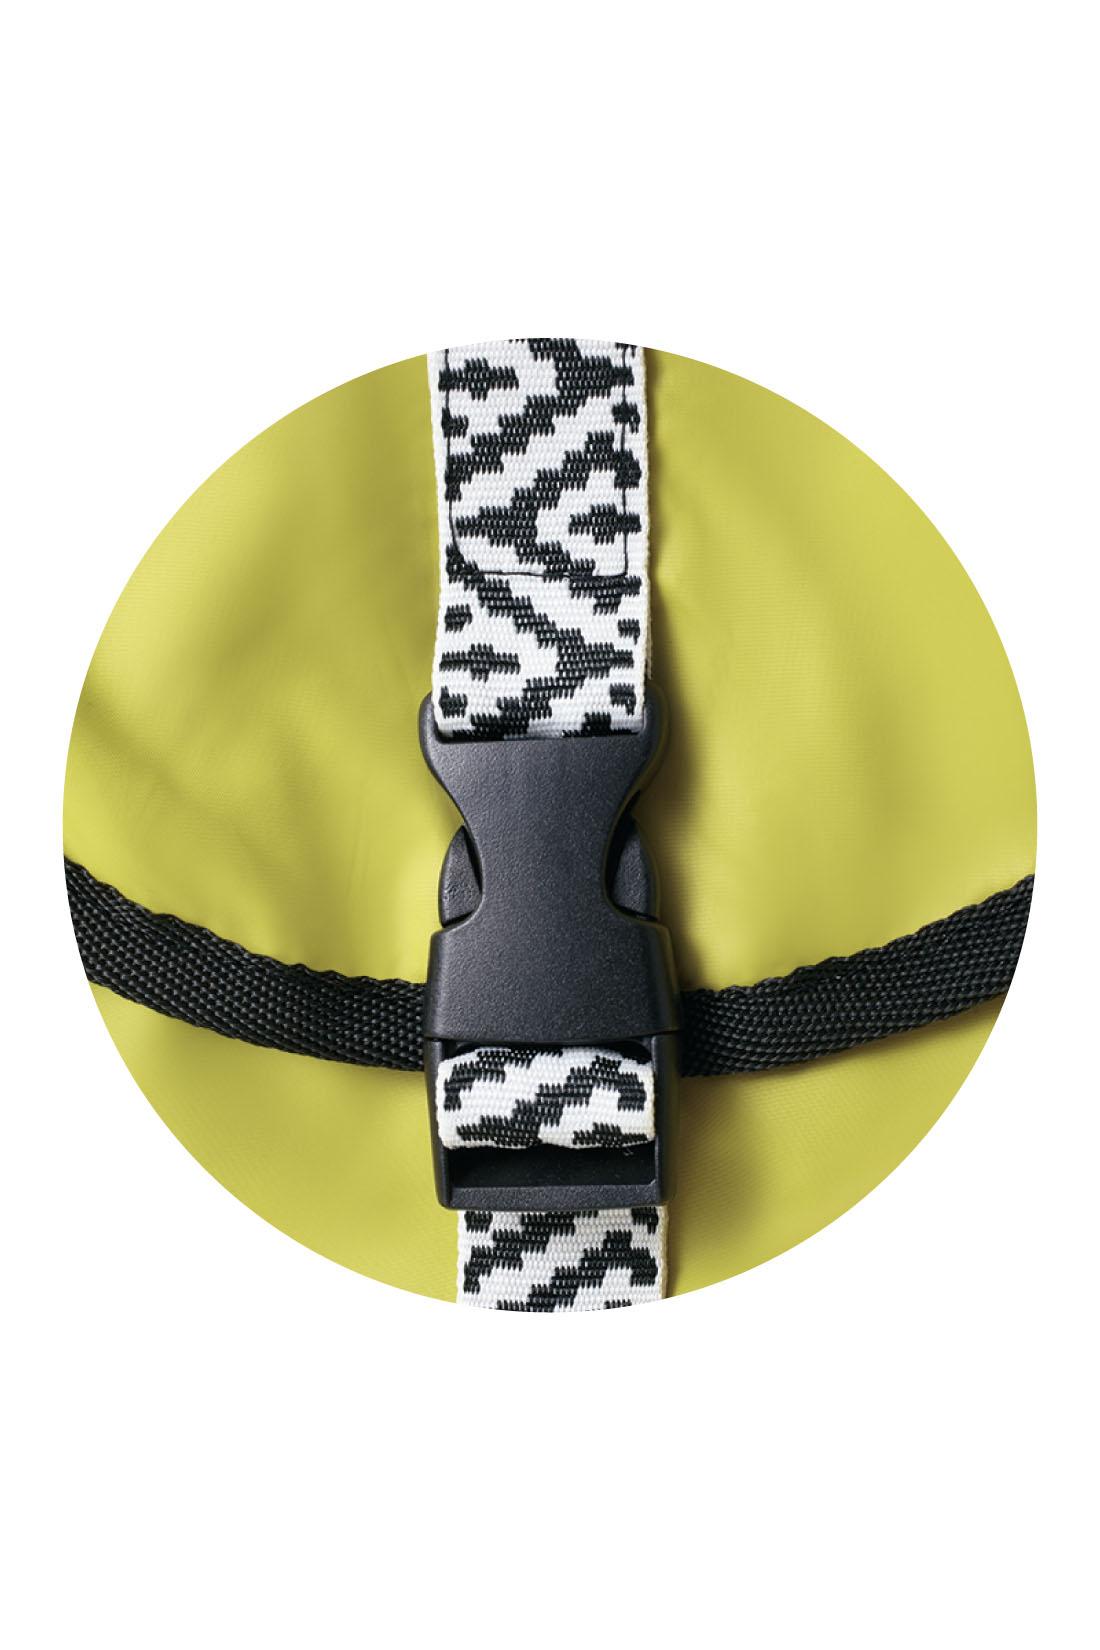 おしゃれな配色に、チロリアンテープ風のベルトがポイント。